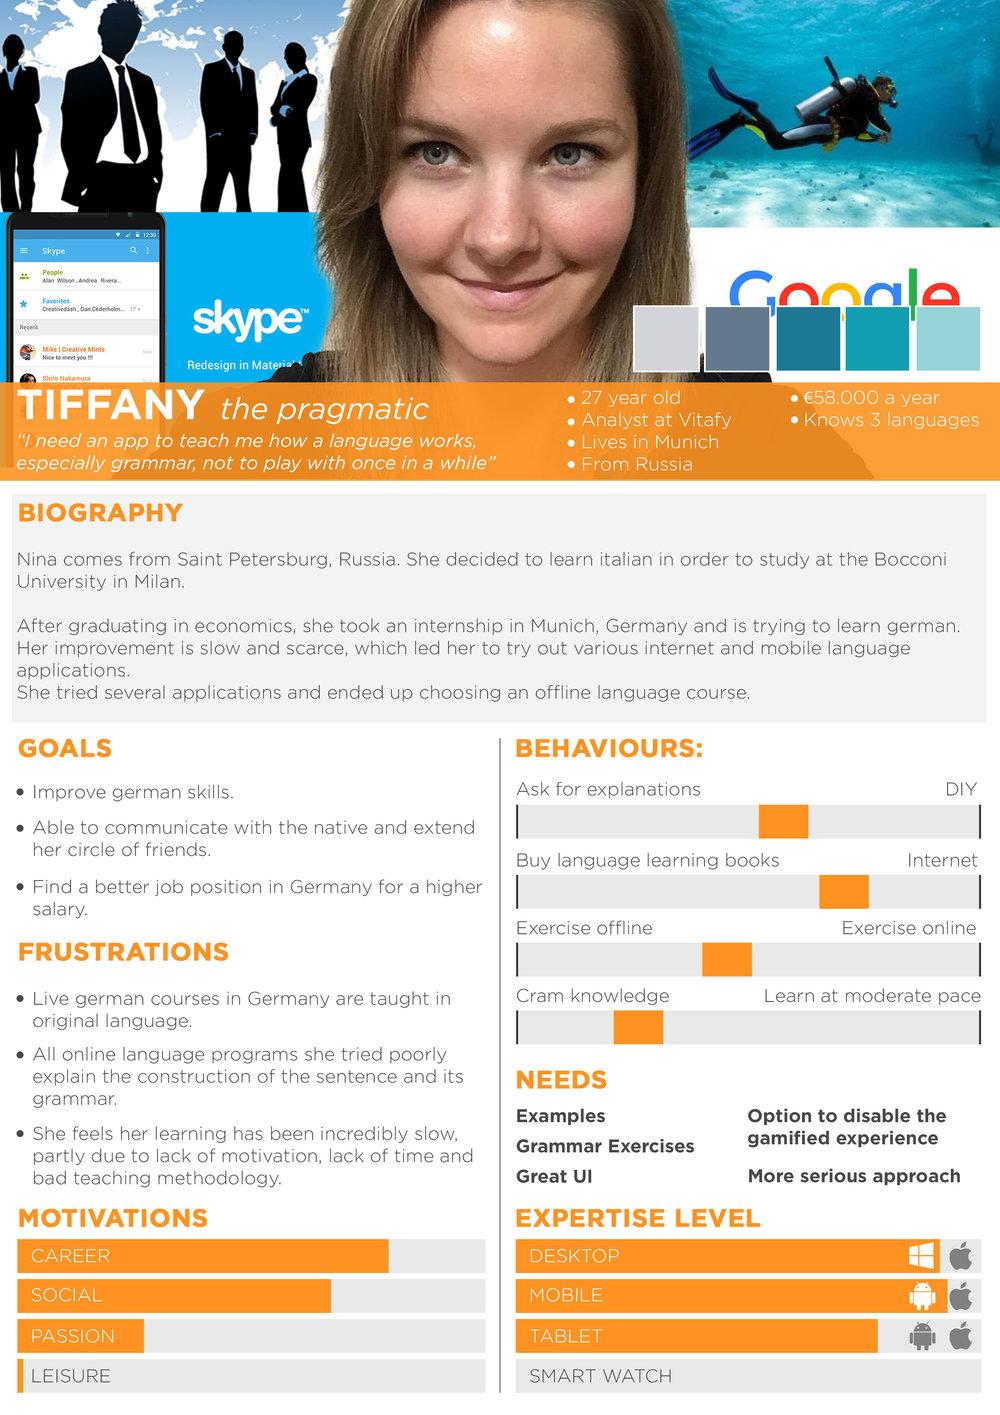 Tiffany-Persona.jpg